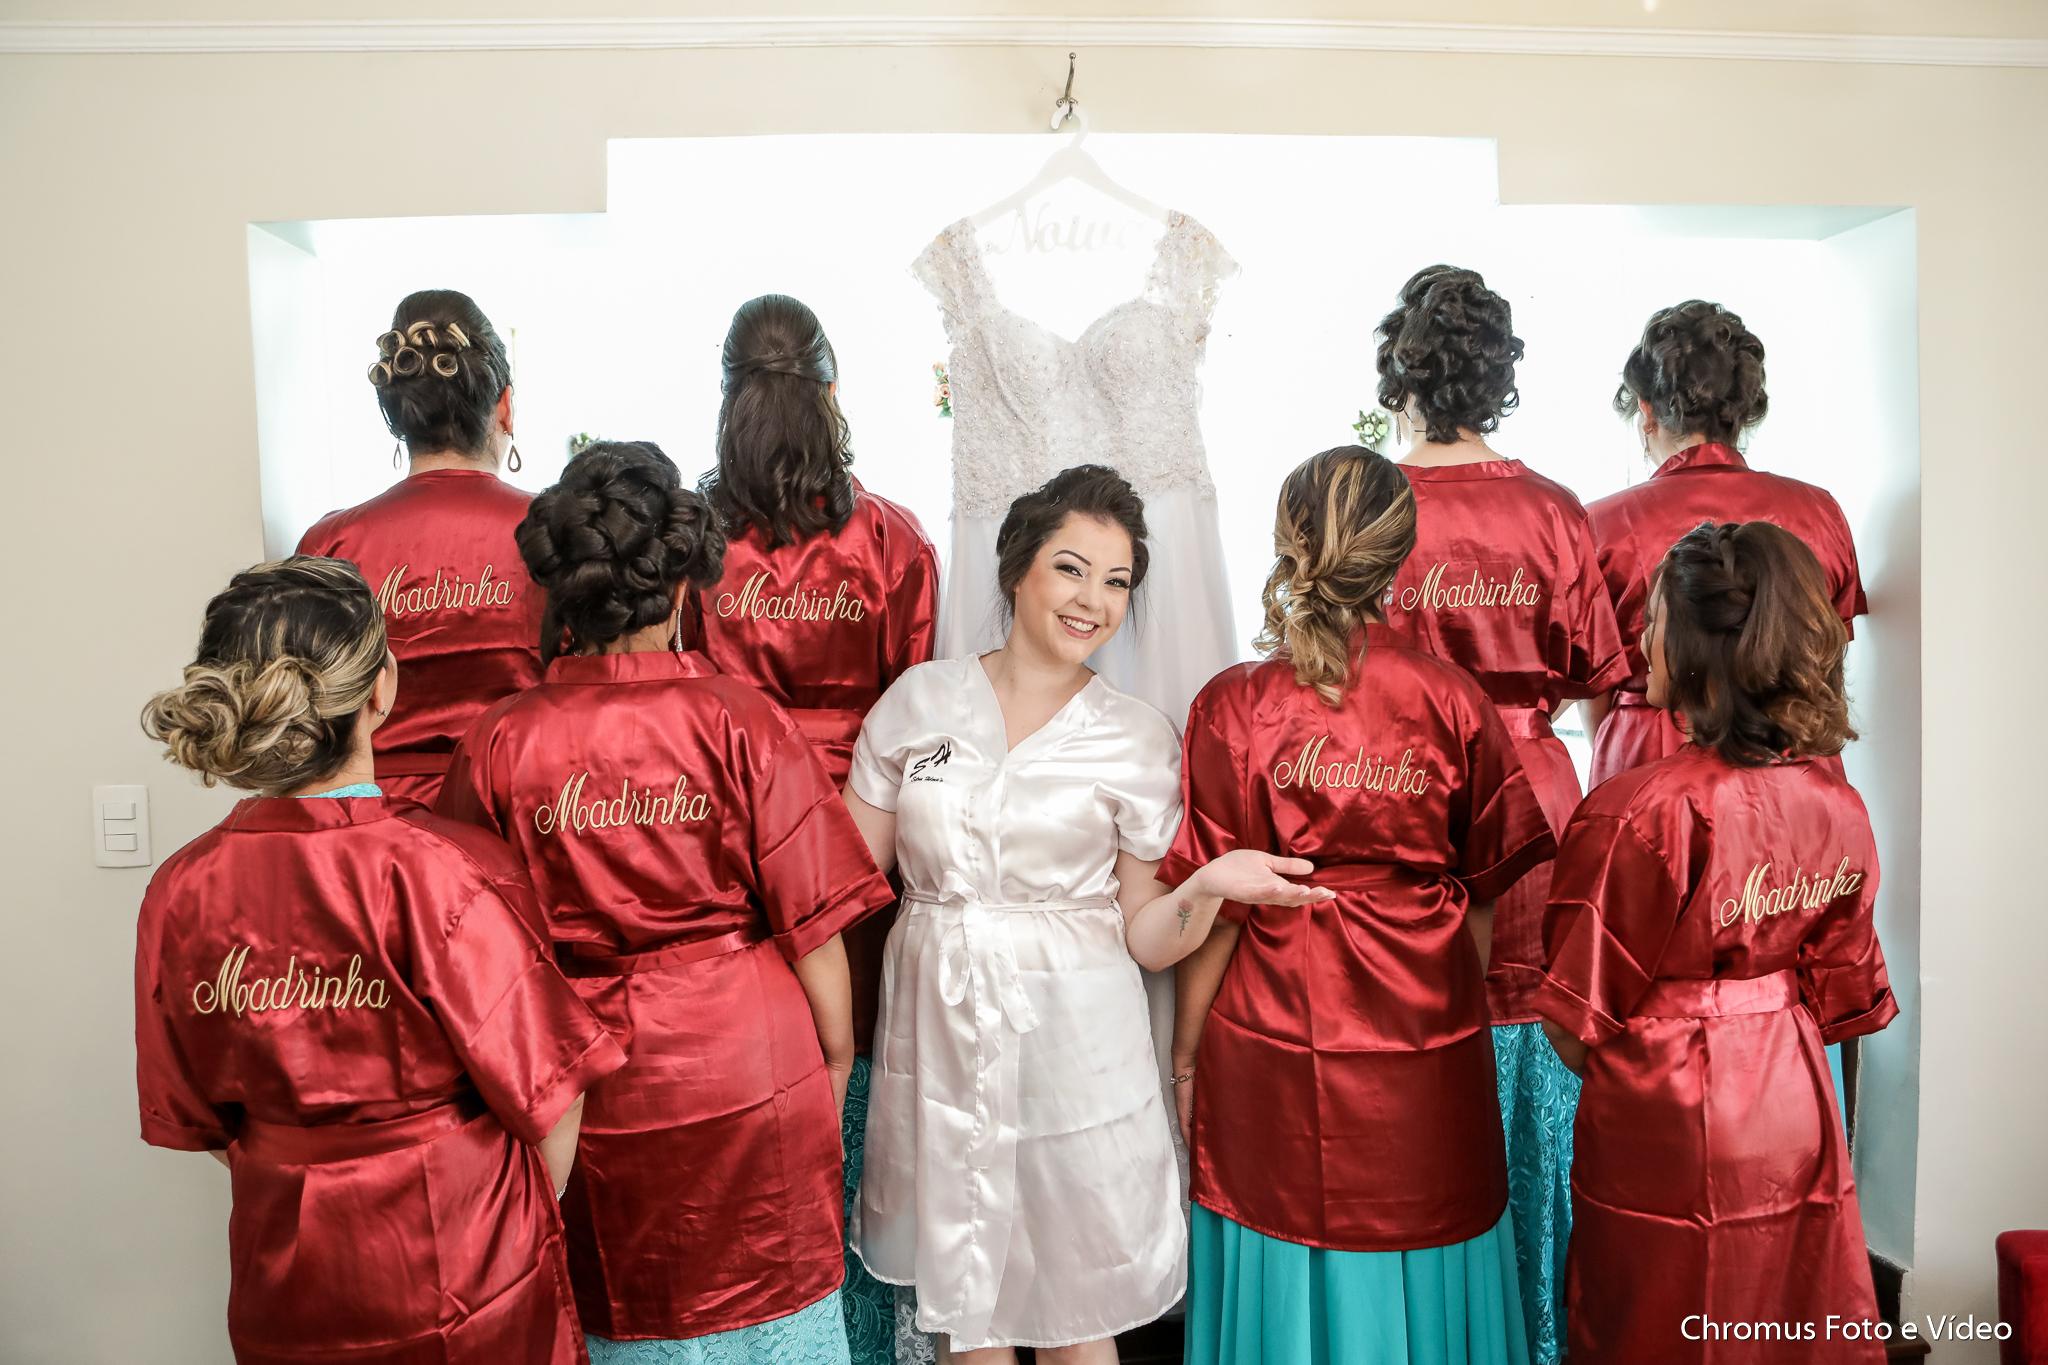 01-casamento-dia-da-noiva-silvia-helenas-sao-bernardo-sp-fotografo-chromus-foto-e-video